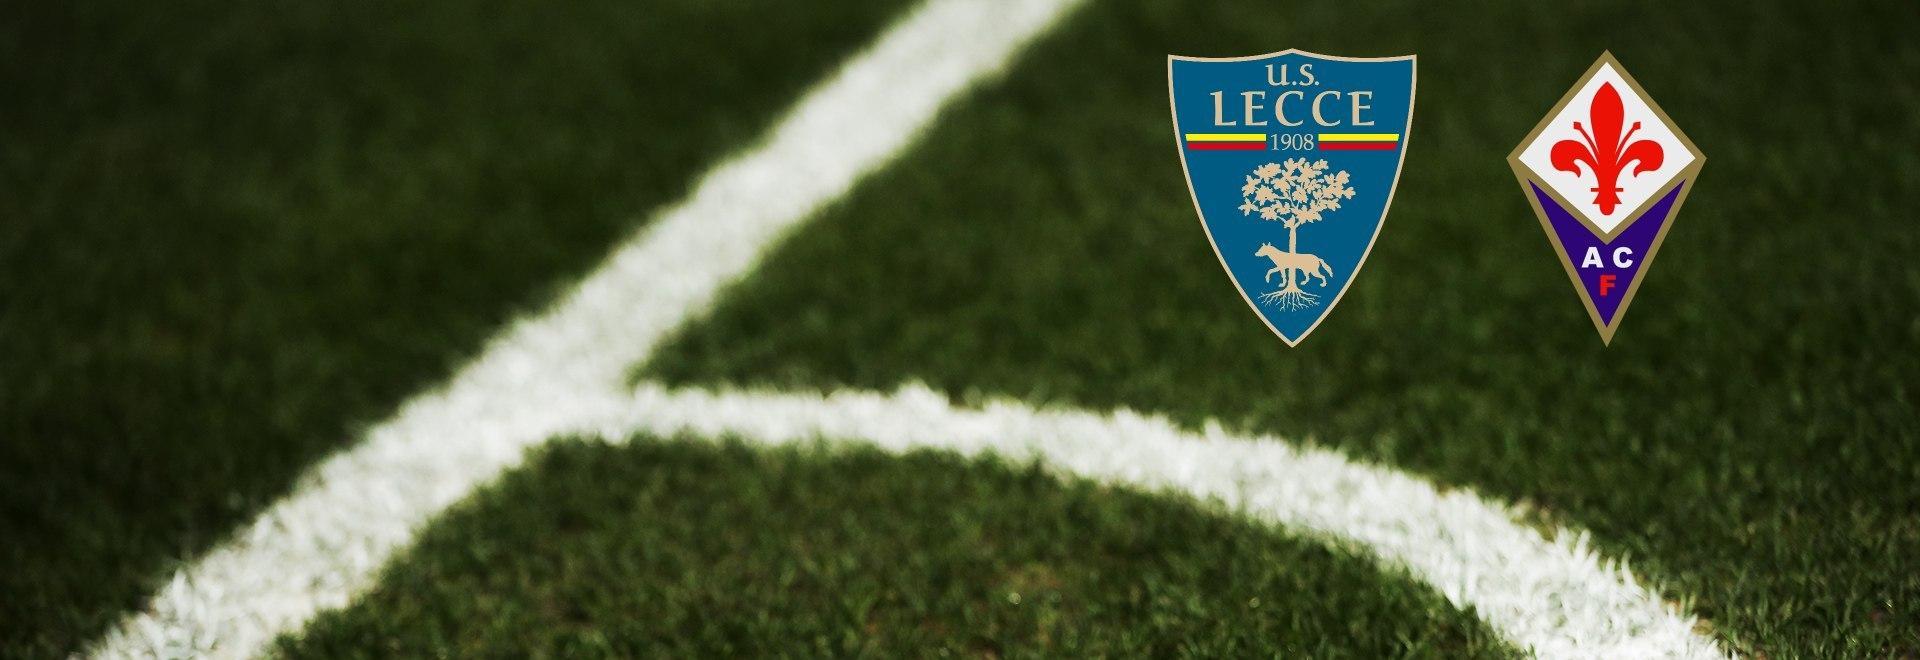 Lecce - Fiorentina. 33a g.